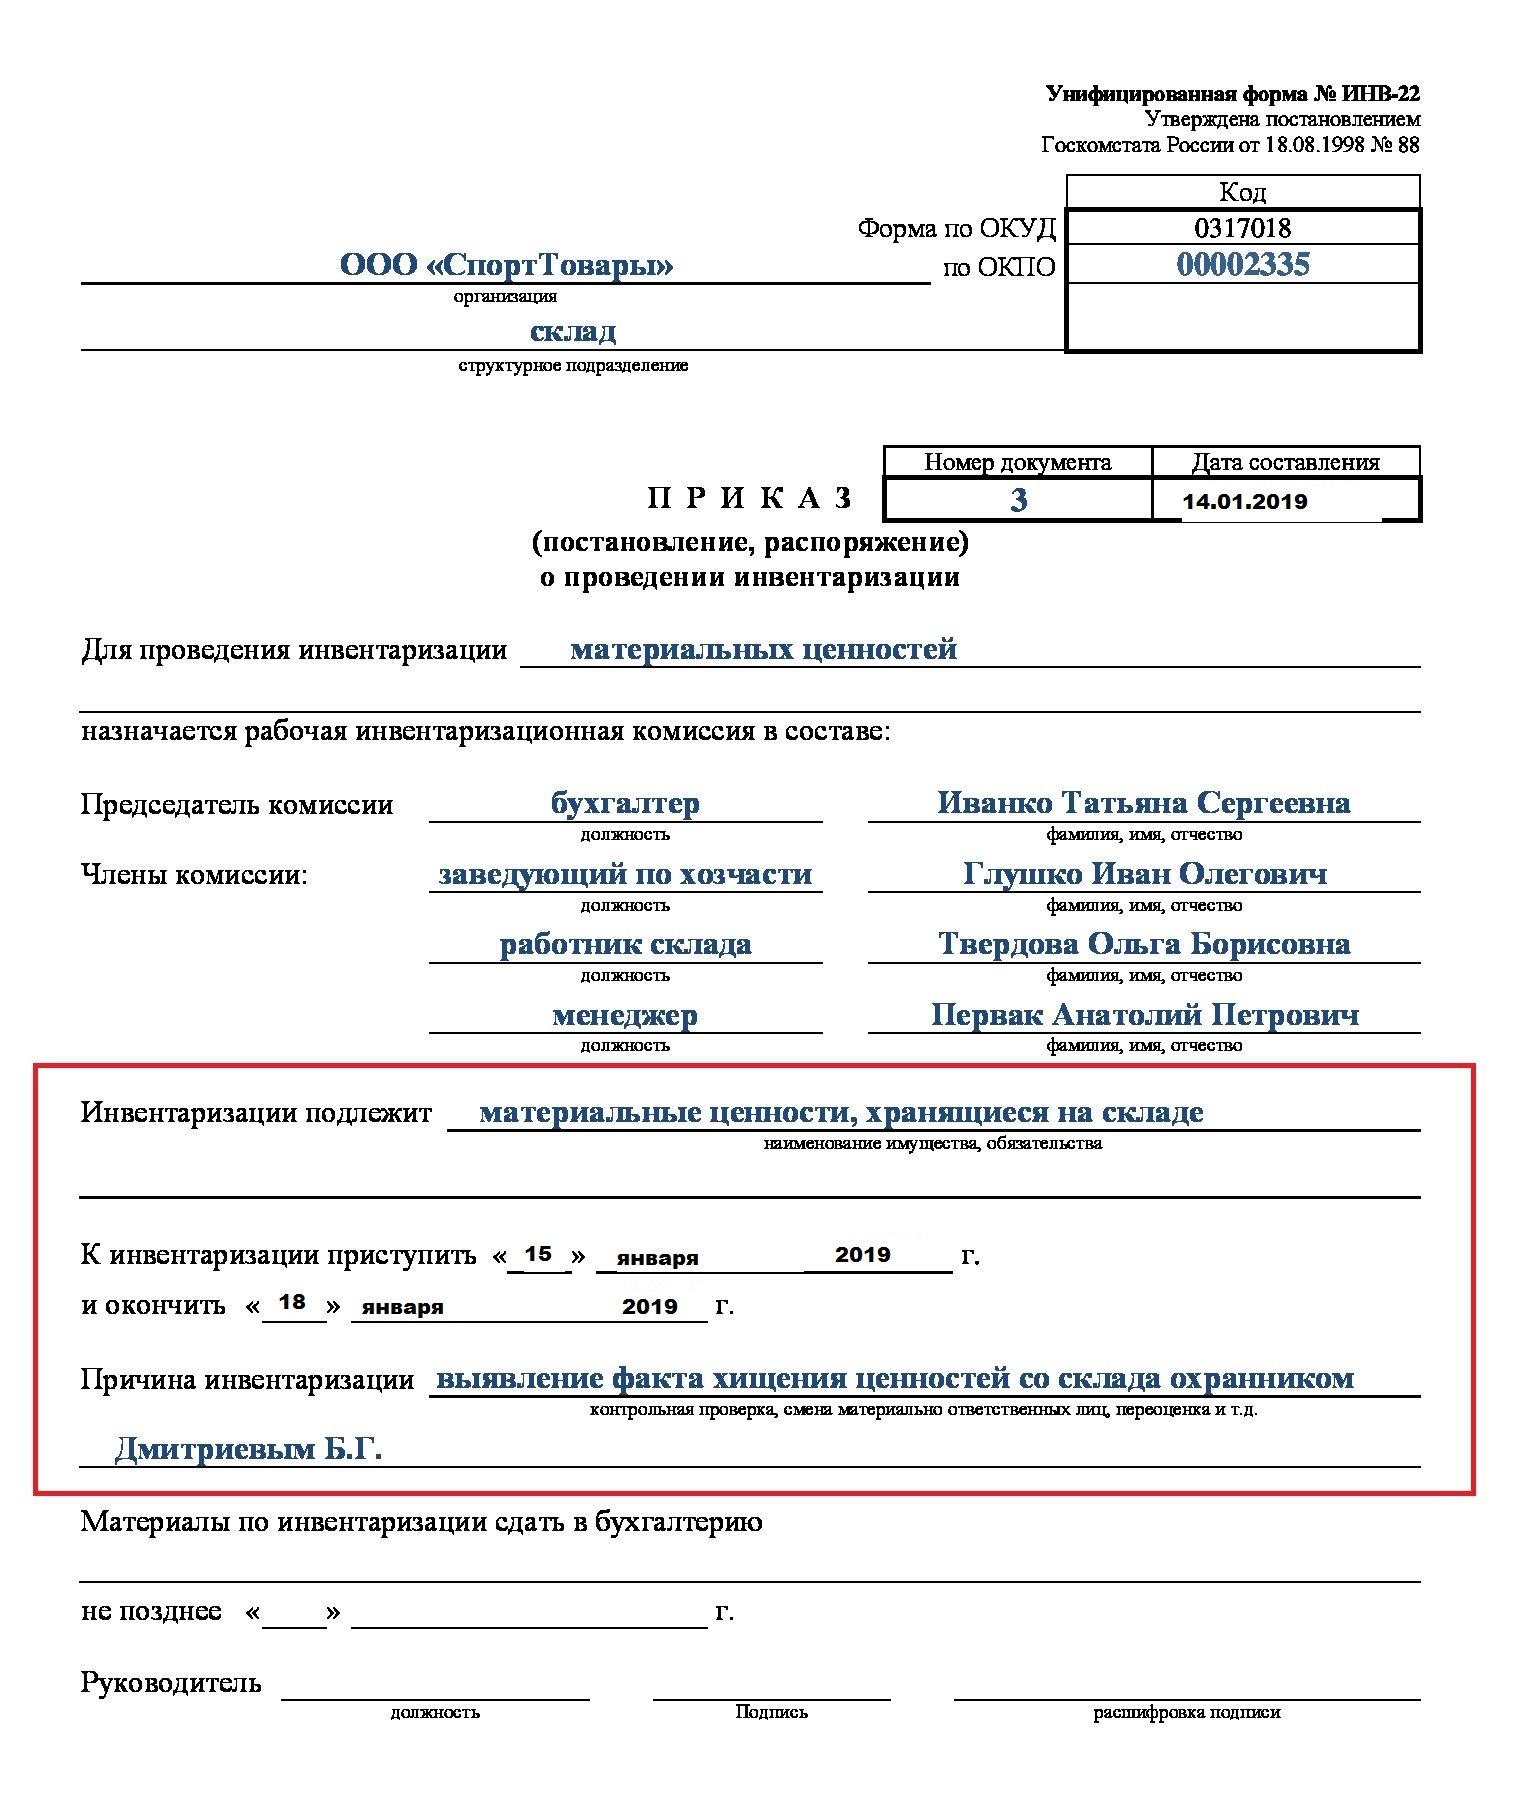 Как должен выглядеть образец приказа на инвентаризацию ТМЦ. Приказ об утверждении результатов инвентаризации образец